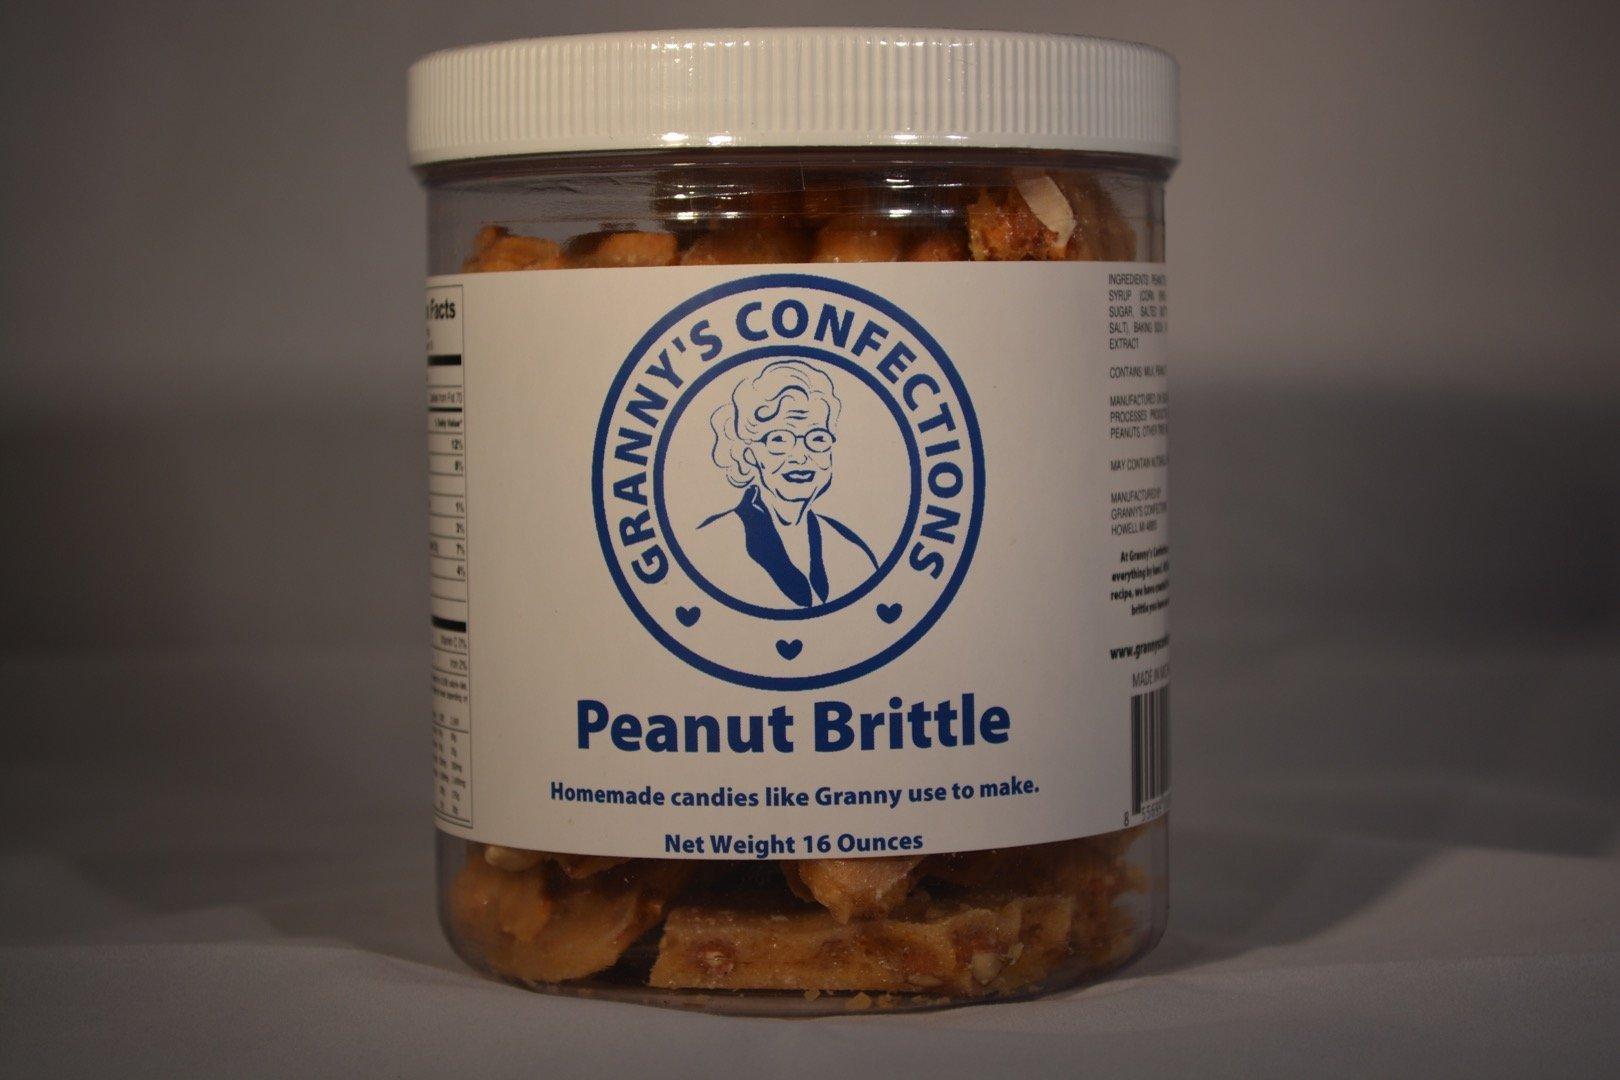 Handmade Peanut Brittle. Voted Best Peanut Brittle. - One Pound (16 oz) Container